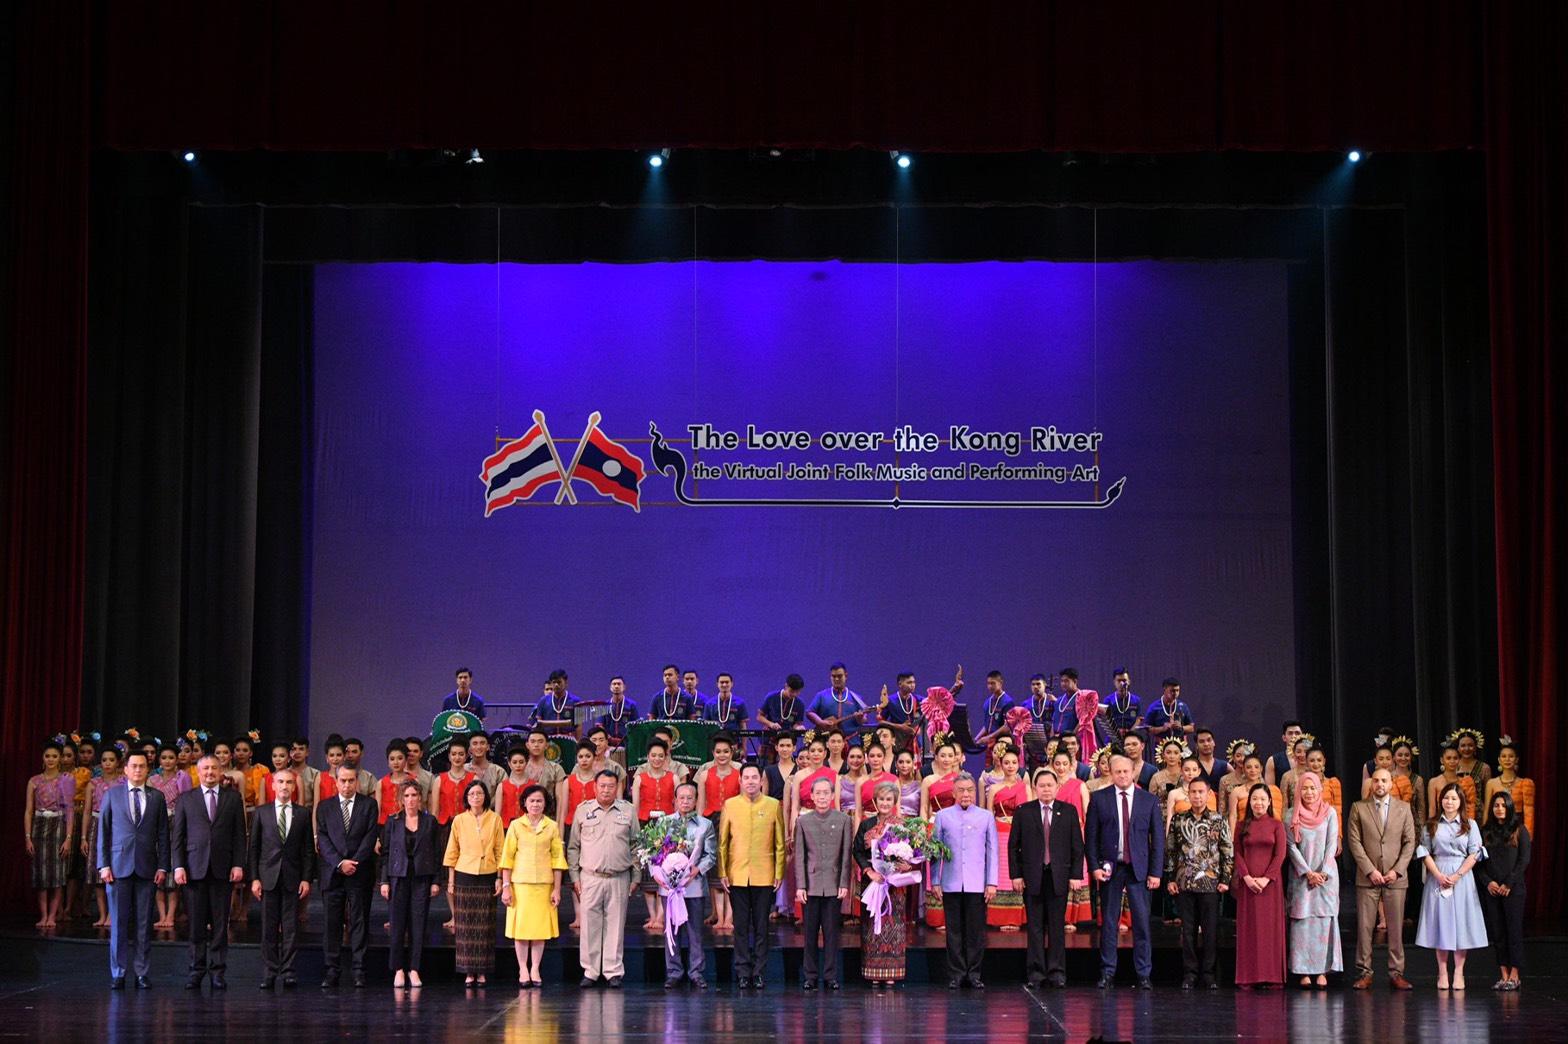 วันที่ ๒๘ กันยายน ๒๕๖๓ เวลา ๑๙.๐๐ น. นายอิทธิพล คุณปลื้ม รัฐมนตรีว่าการกระทรวงวัฒนธรรม เป็นประธานฝ่ายไทย พร้อมด้วยนายประทีป เพ็งตะโก อธิบดีกรมศิลปากร ผู้บริหารระดับสูงกระทรวงวัฒนธรรม ร่วมในกิจกรรมการแสดงดนตรีและศิลปวัฒนธรรมพื้นบ้าน